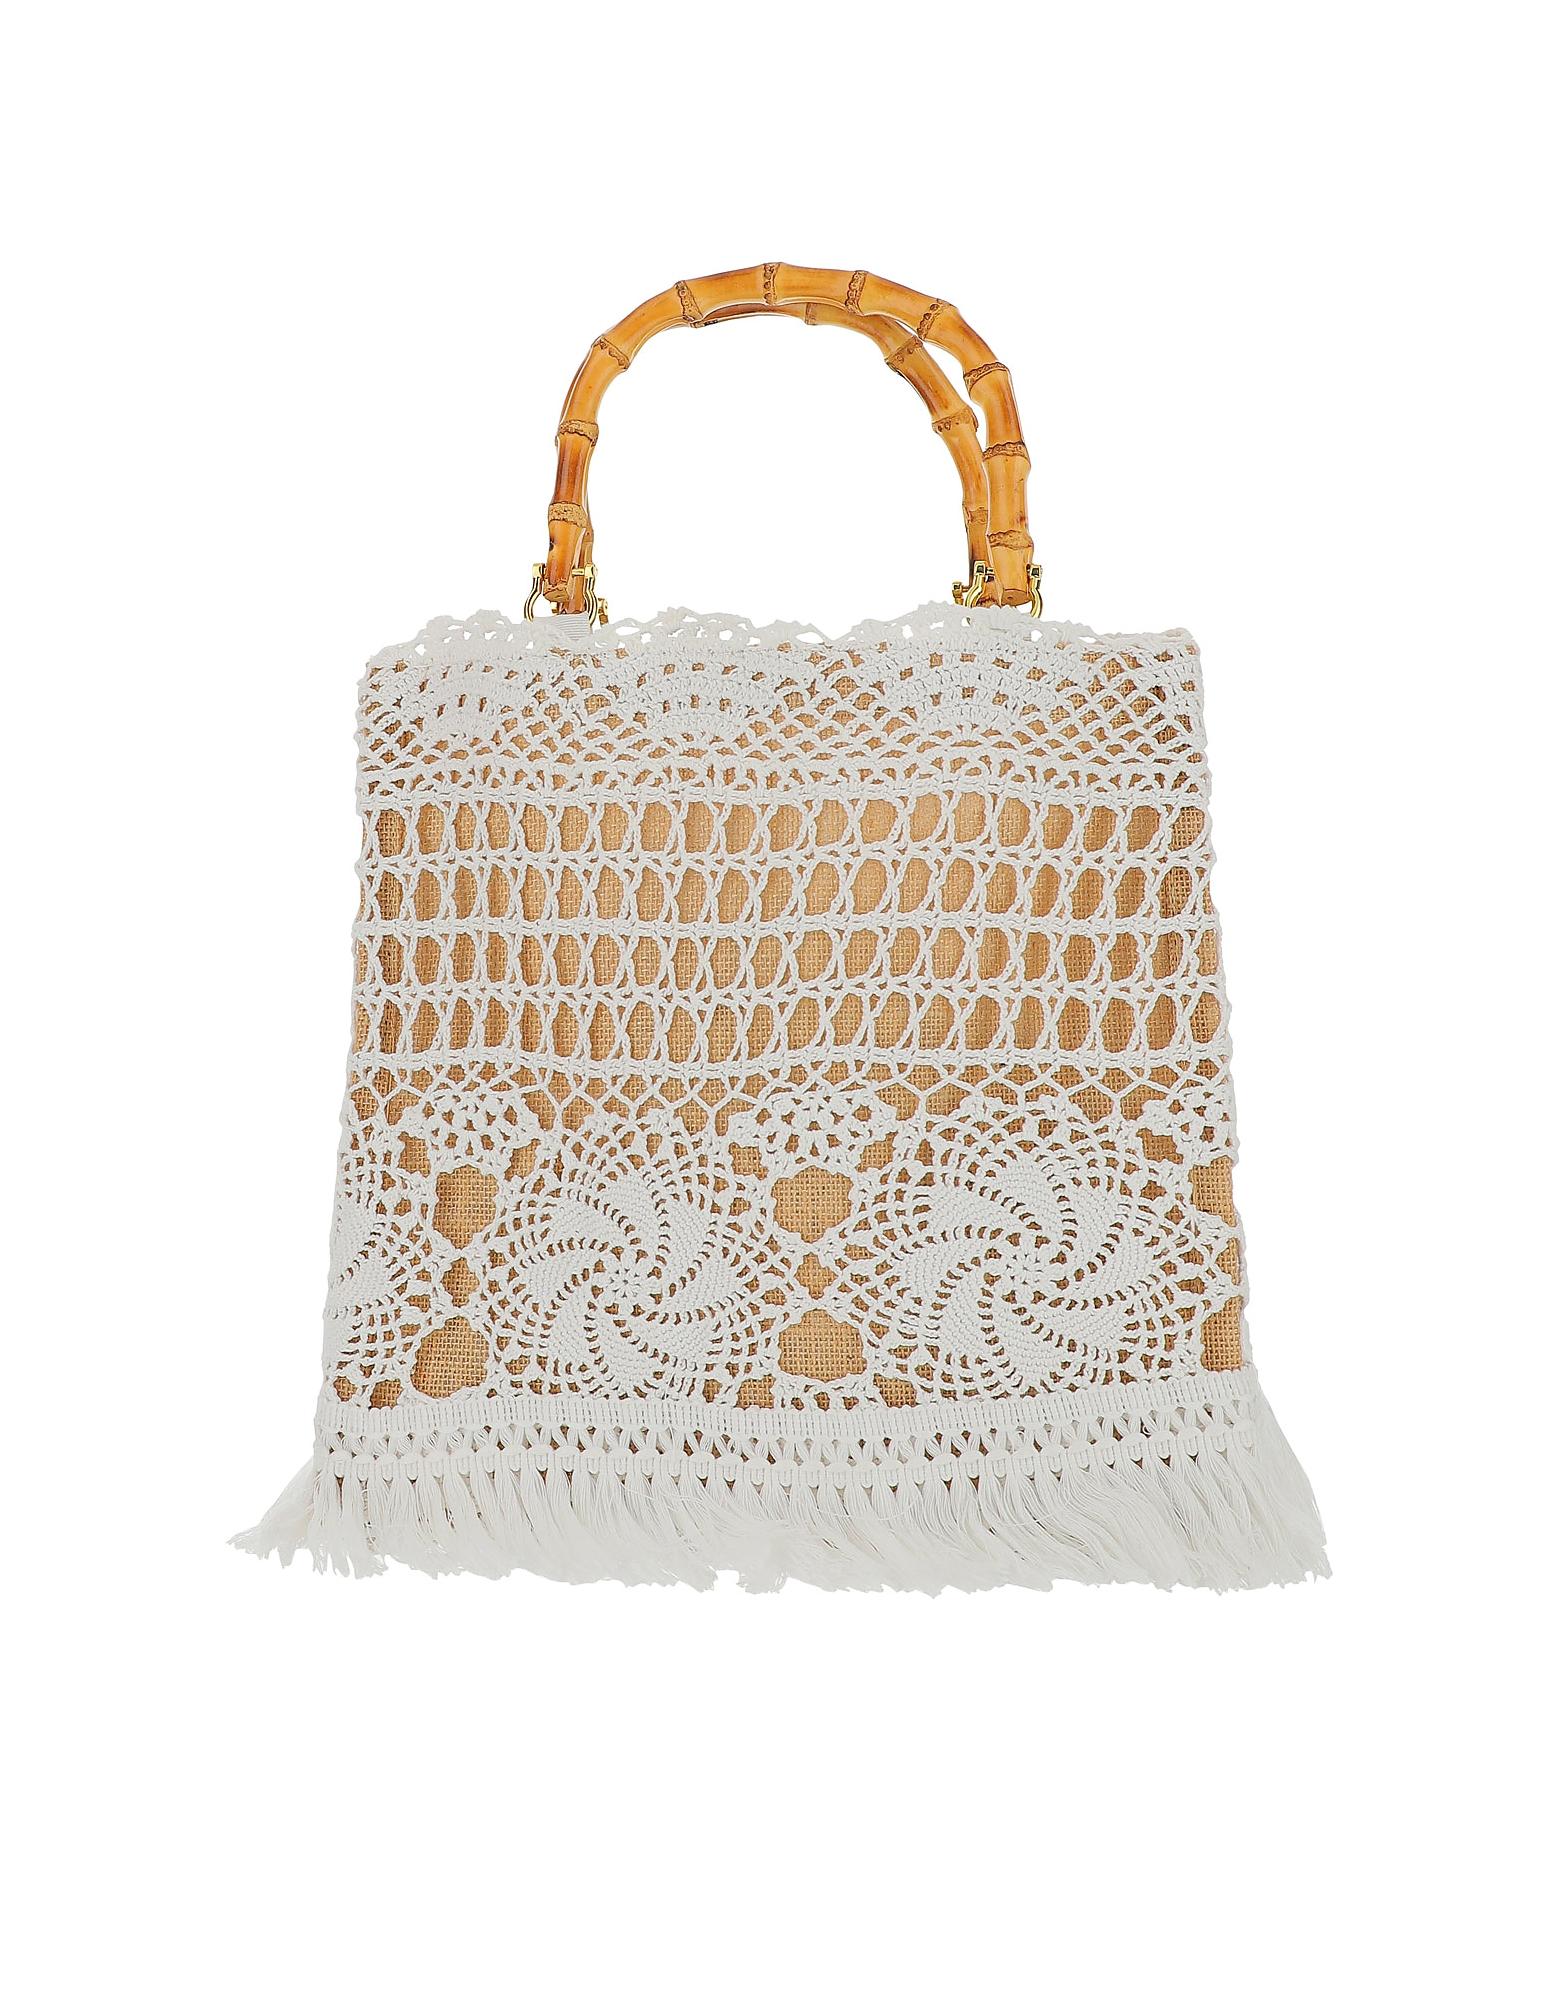 LaMILANESA Designer Handbags, Small Natural Crochet Tote Bag